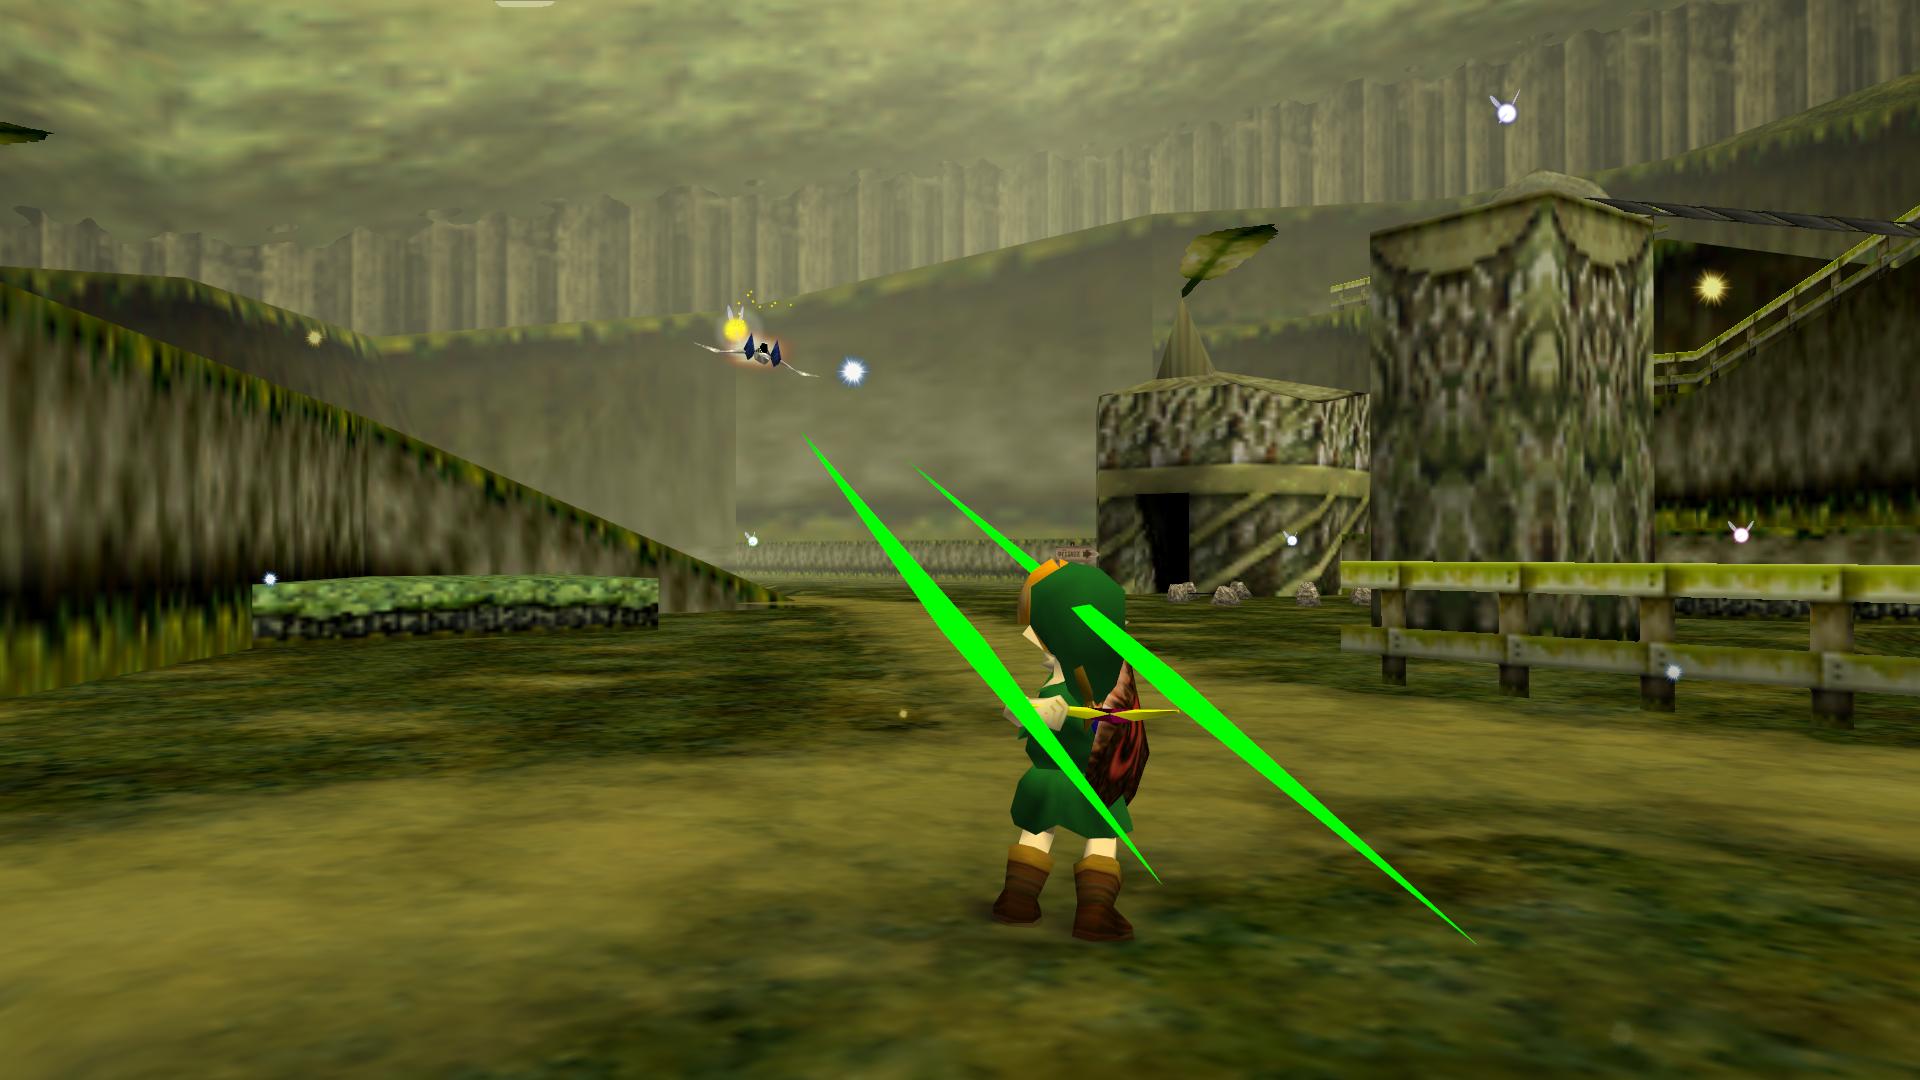 Arwing | Zeldapedia | FANDOM powered by Wikia